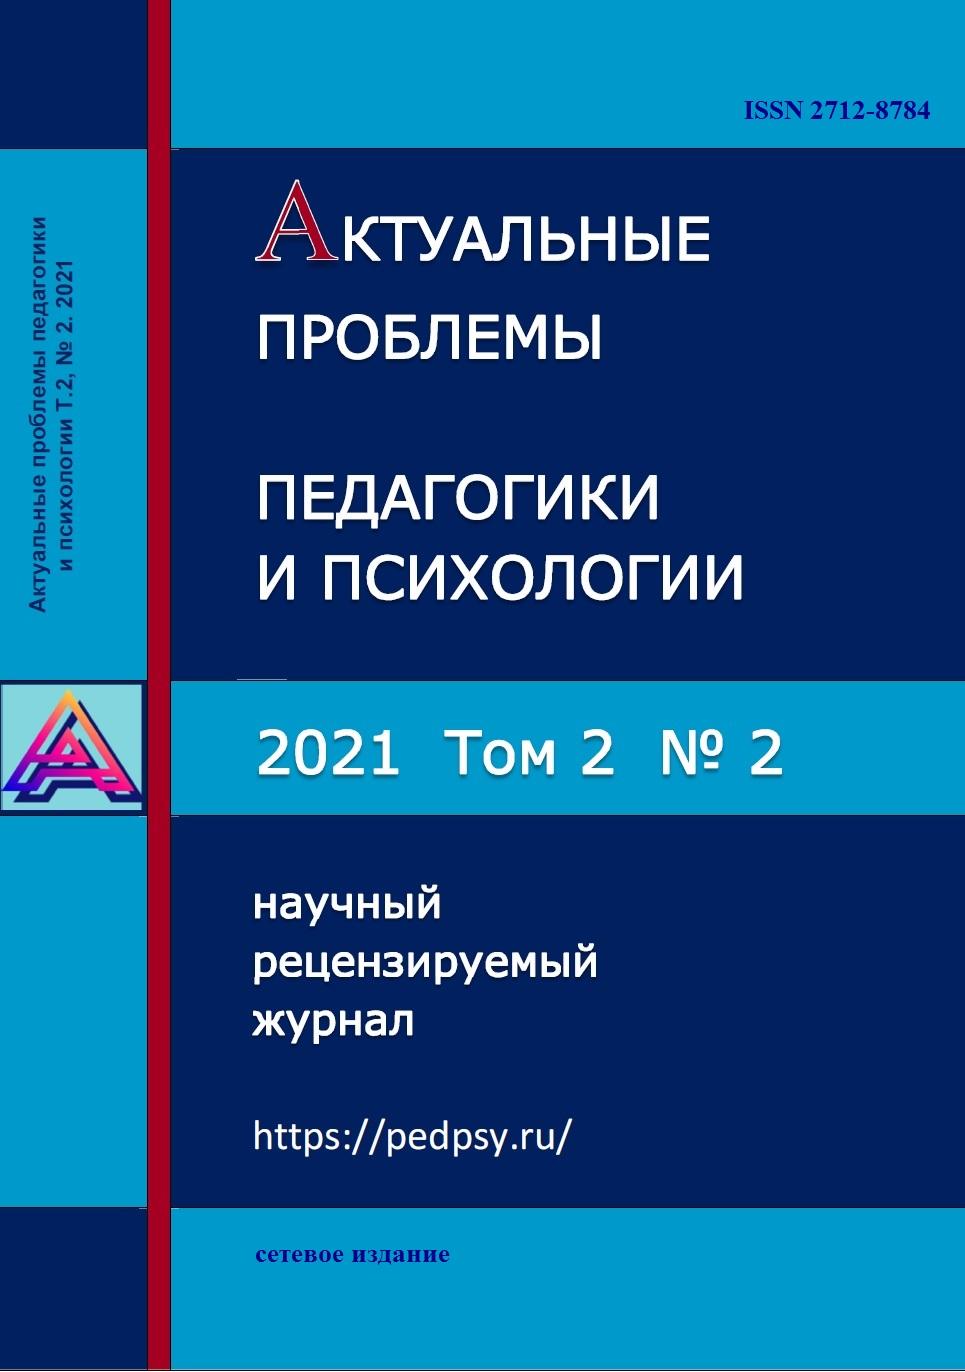 Показать Том 2 № 2 (2021): Актуальные проблемы педагогики и психологии